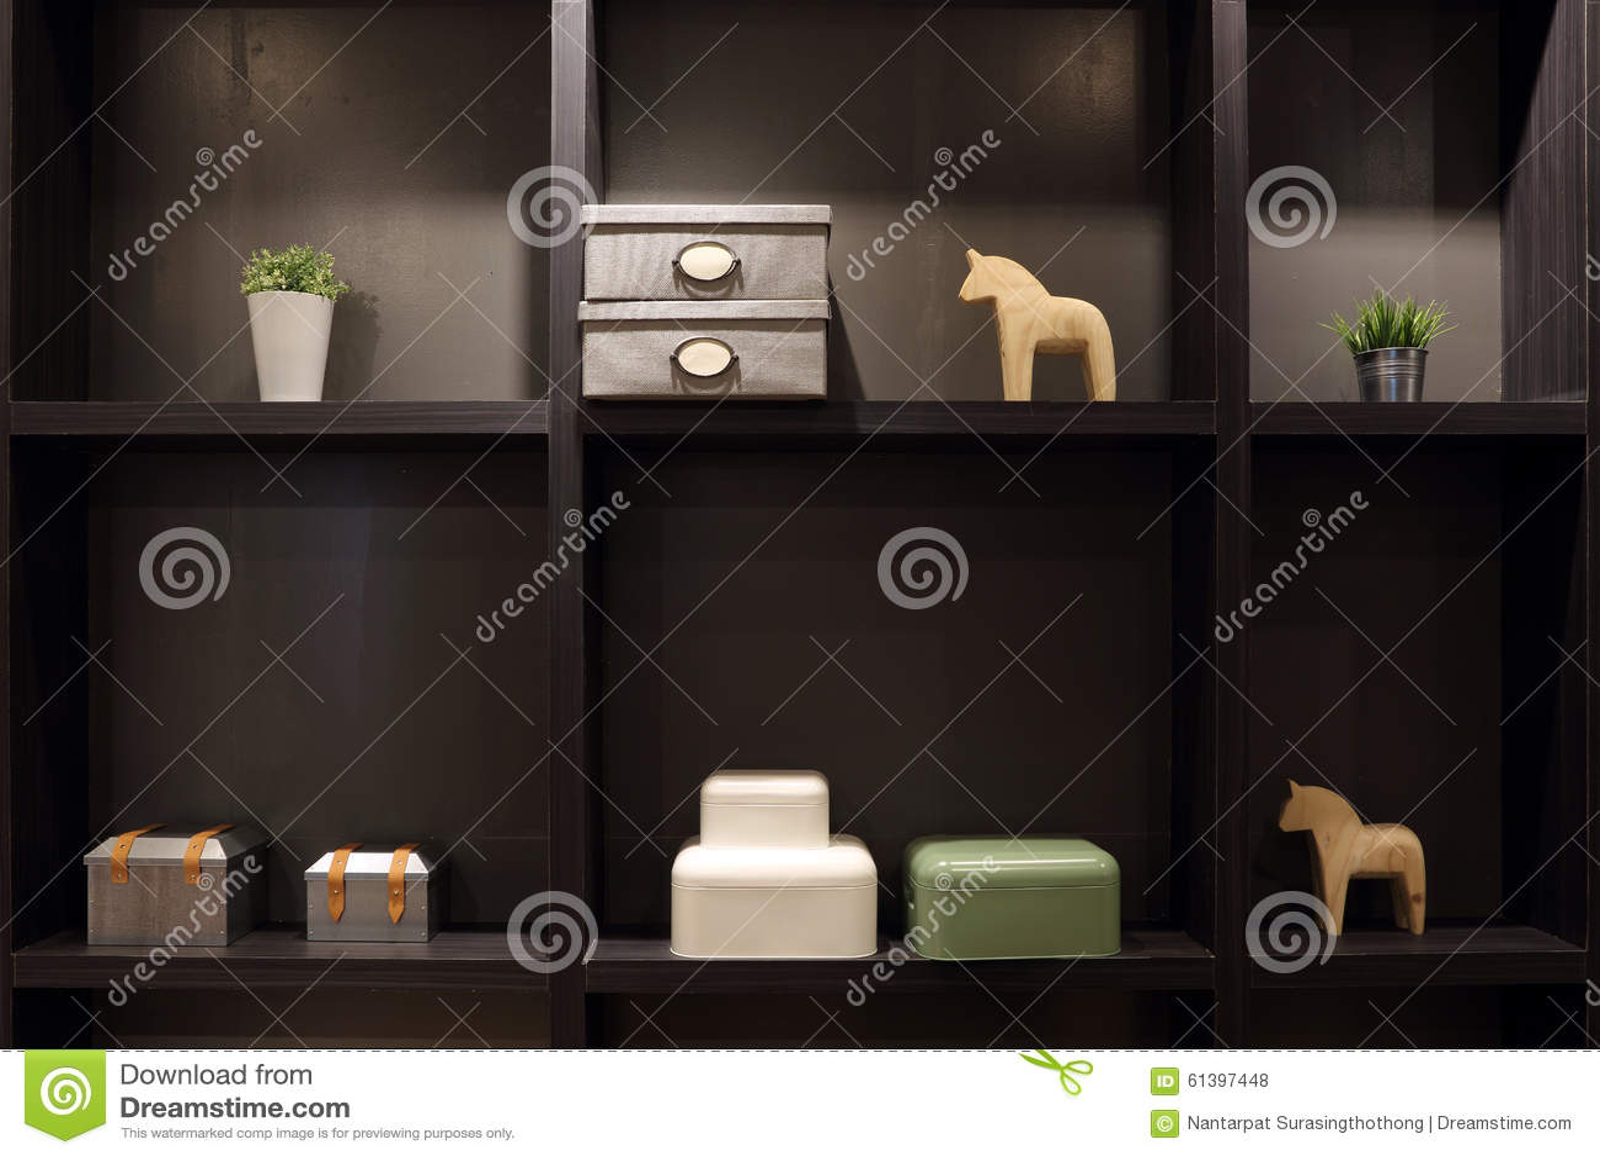 Modern Showcase Designs For Living Room Home Decor Pictures Living Room Showcases Home Awesome Home